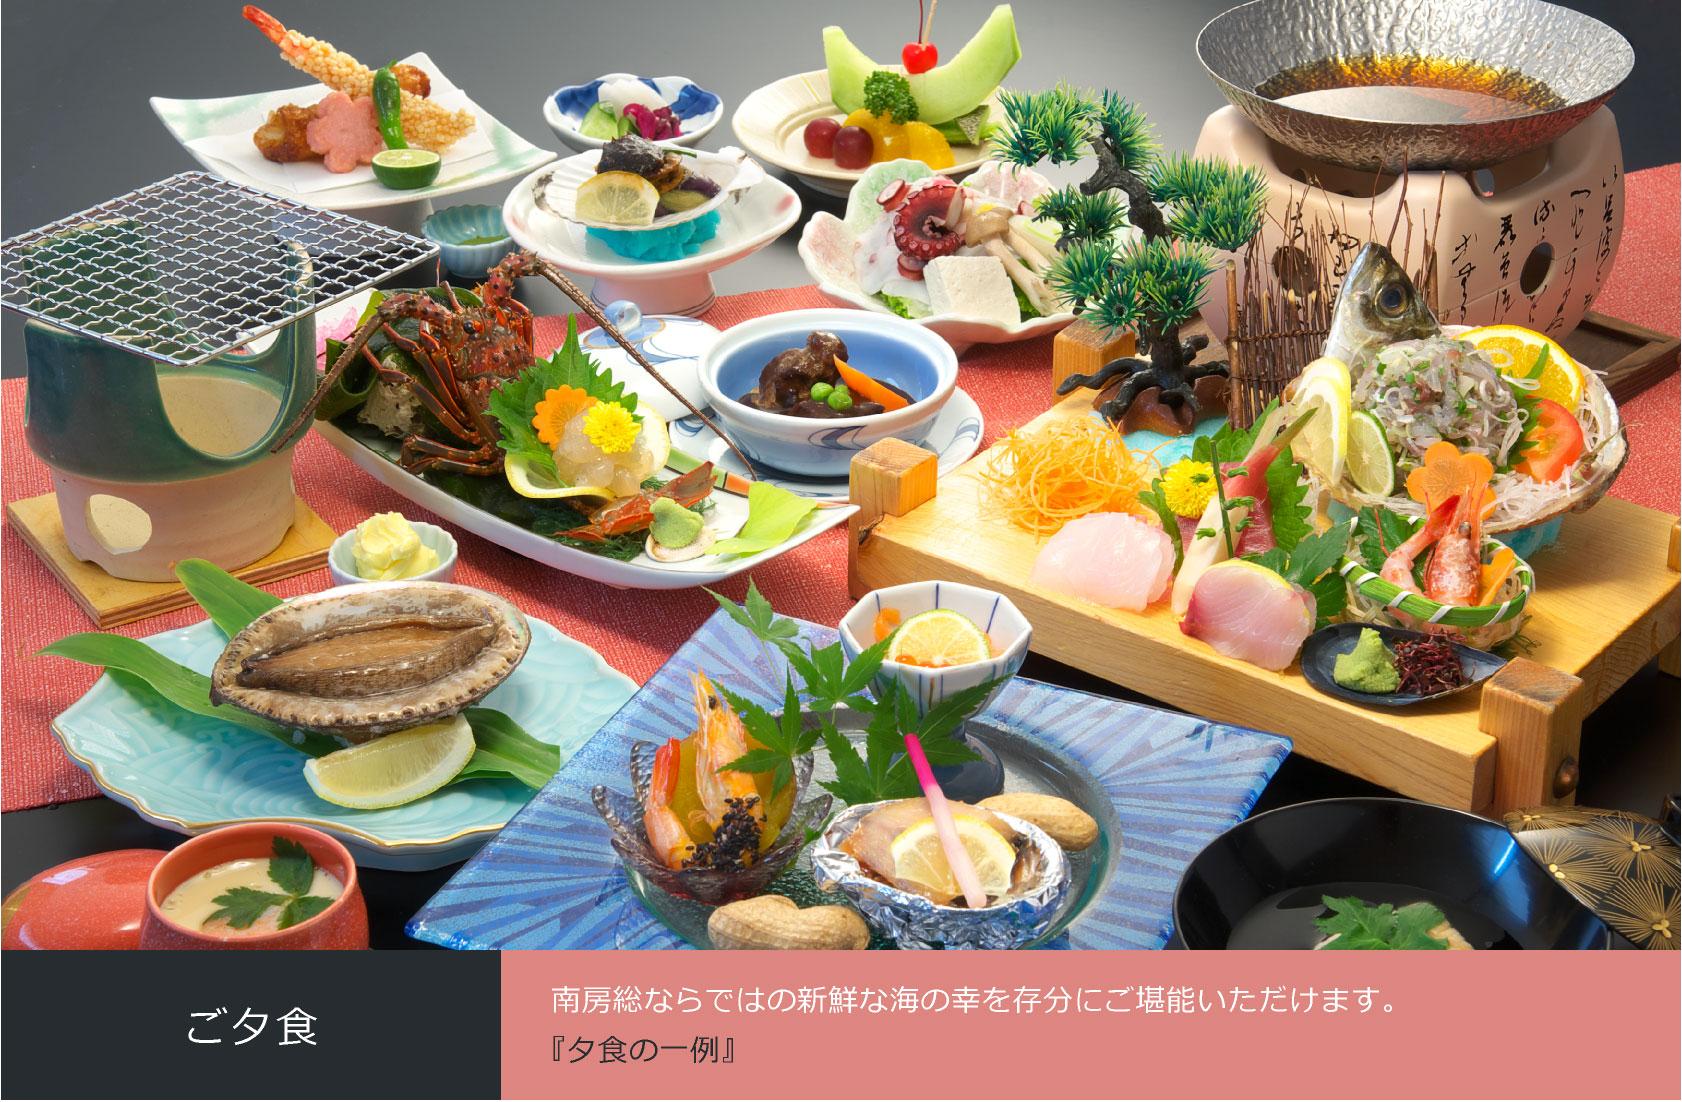 ご夕食 南房総ならではの新鮮な海の幸を存分にご堪能いただけます。『夕食の一例』